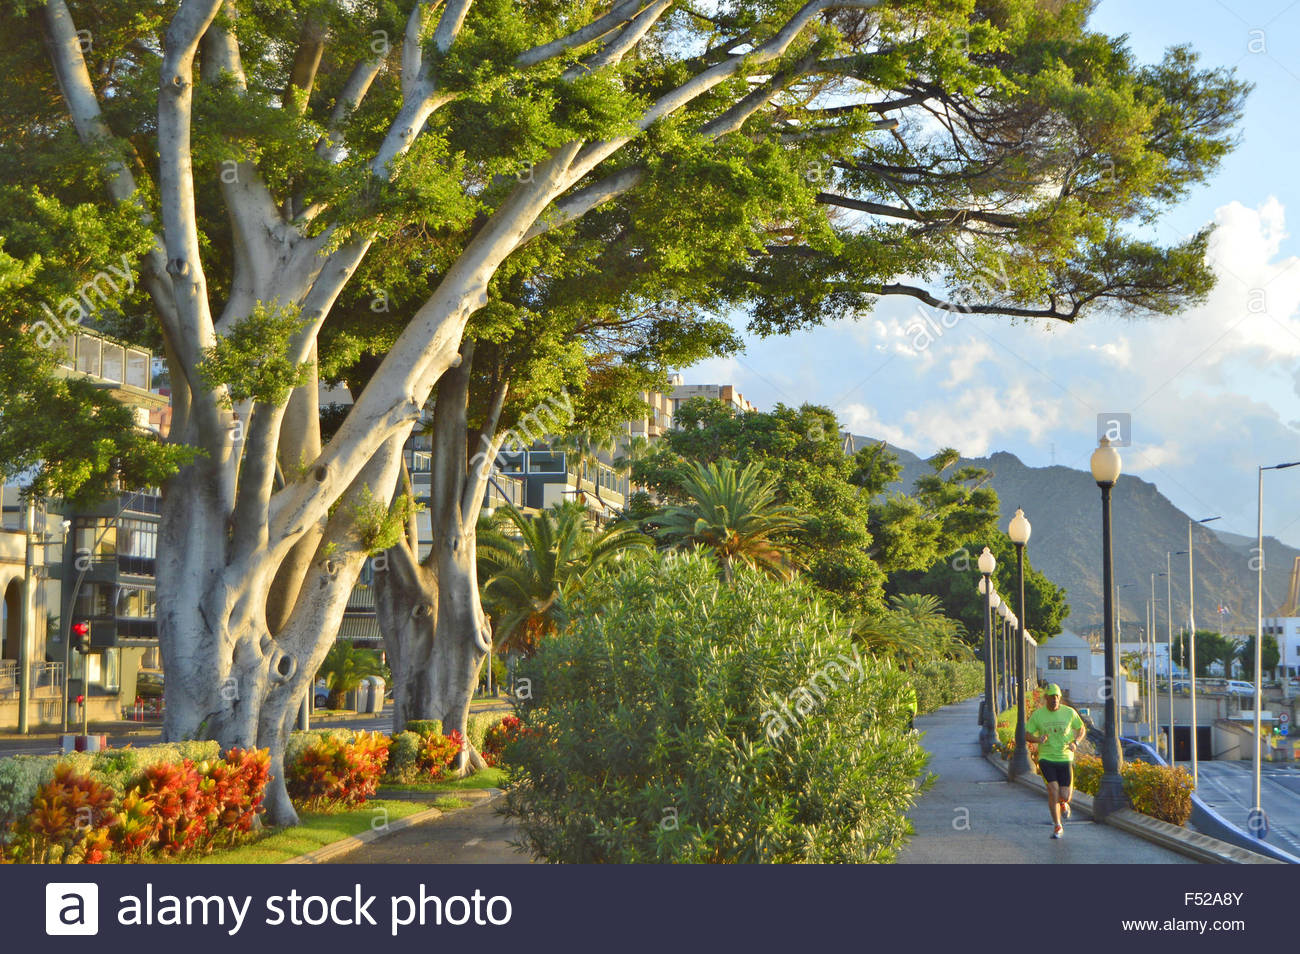 Hafen Promenade Allee der Bäume in Santa Cruz De Tenerife-Kanarische Inseln-Spanien Stockfoto